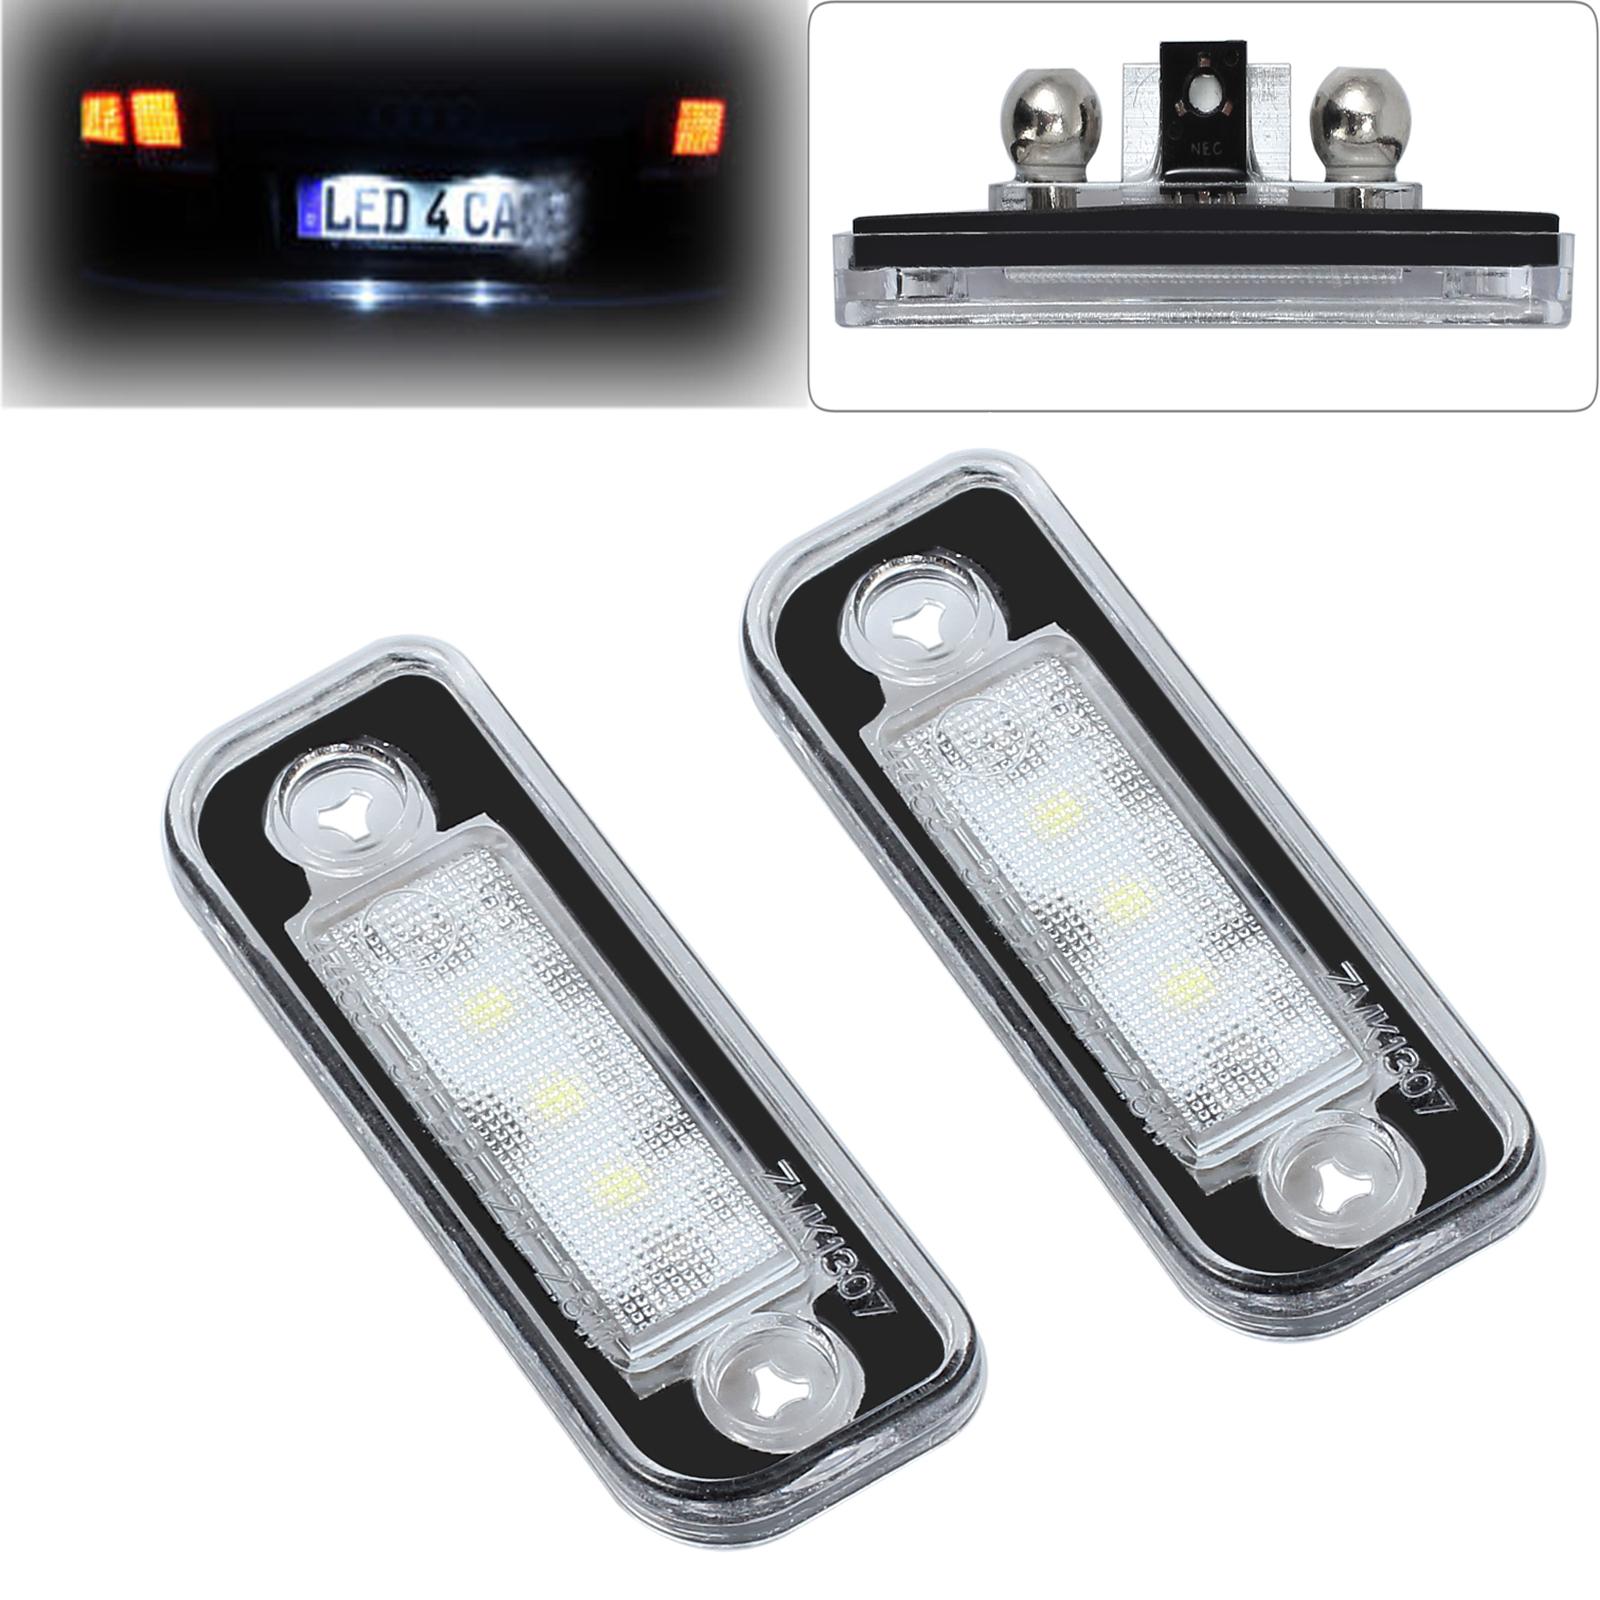 2x LED SMD Kennzeichenbeleuchtung Mercedes Benz SLK R171 S203 W211 S211 1103